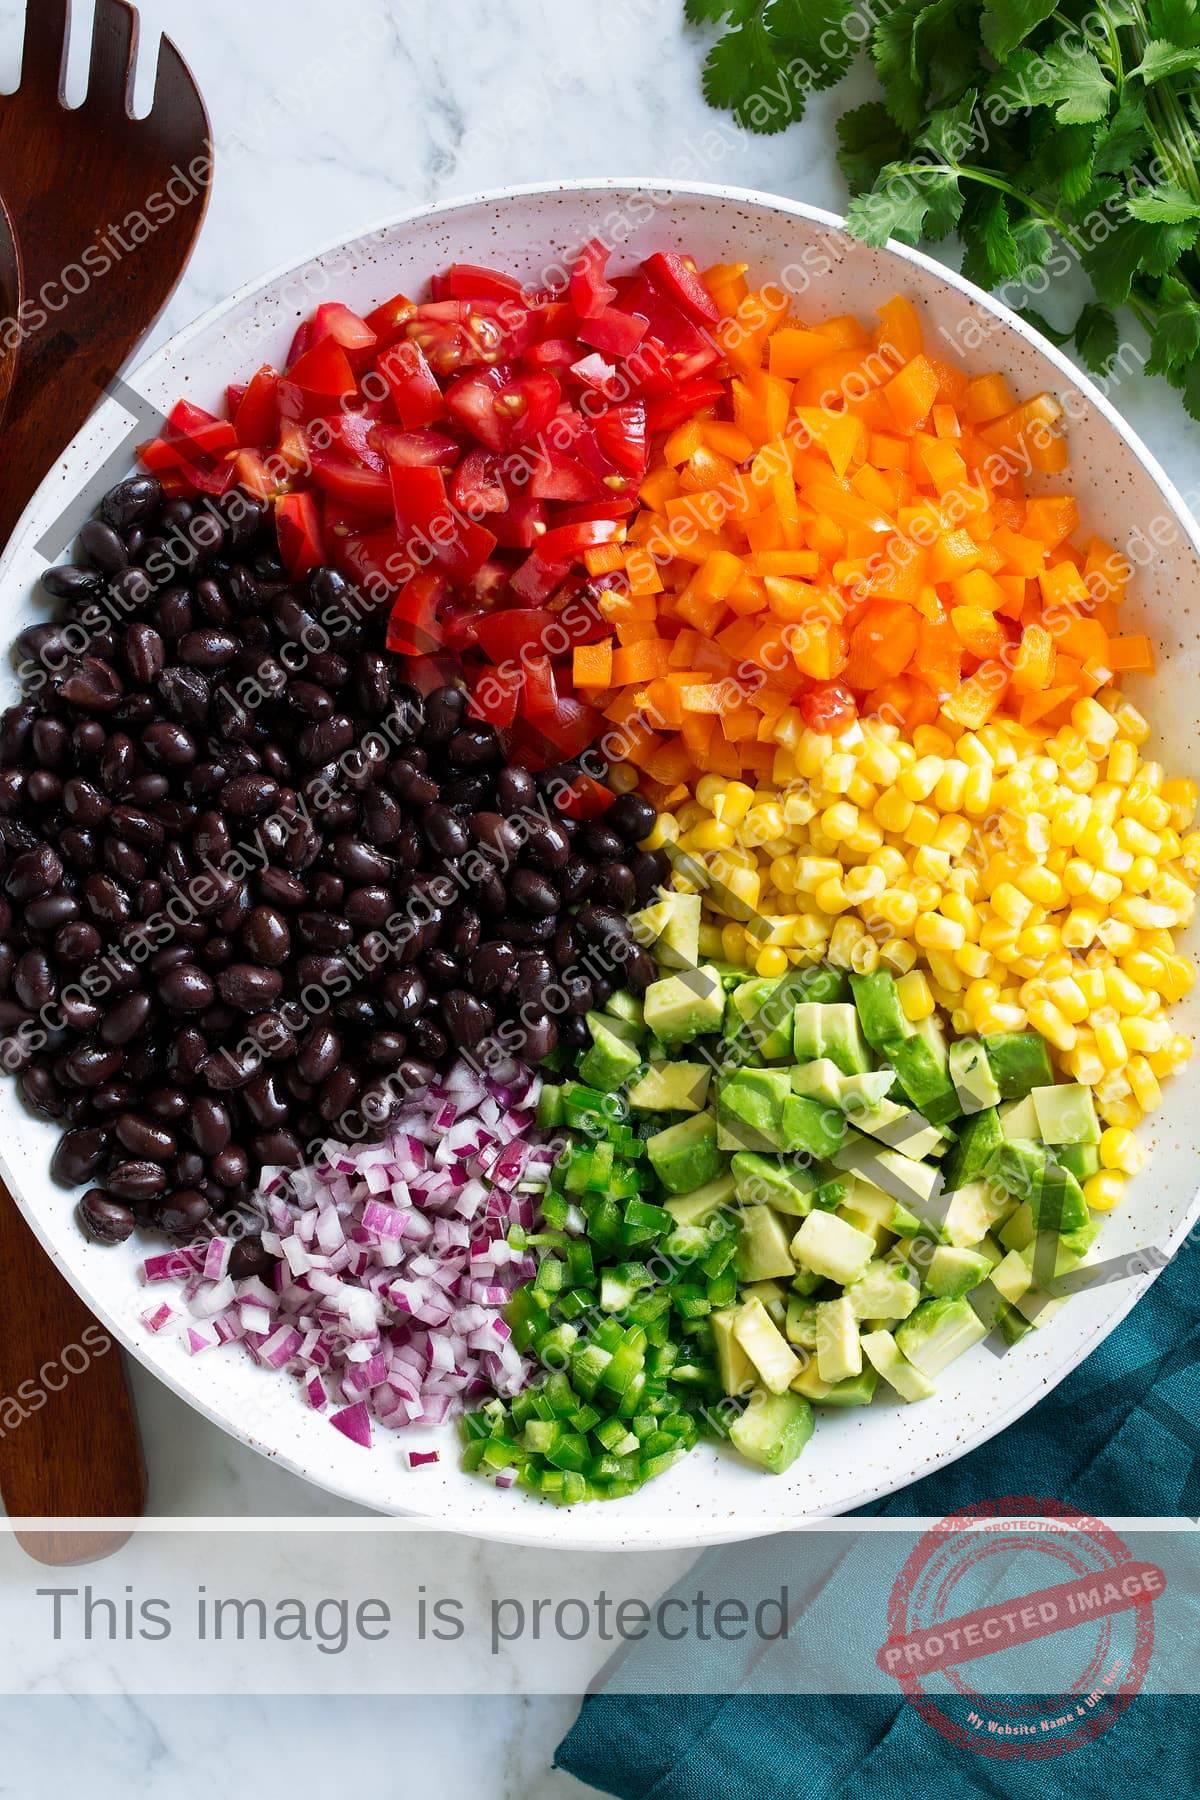 Ingredientes de ensalada de maíz y frijoles negros en un tazón antes de mezclar.